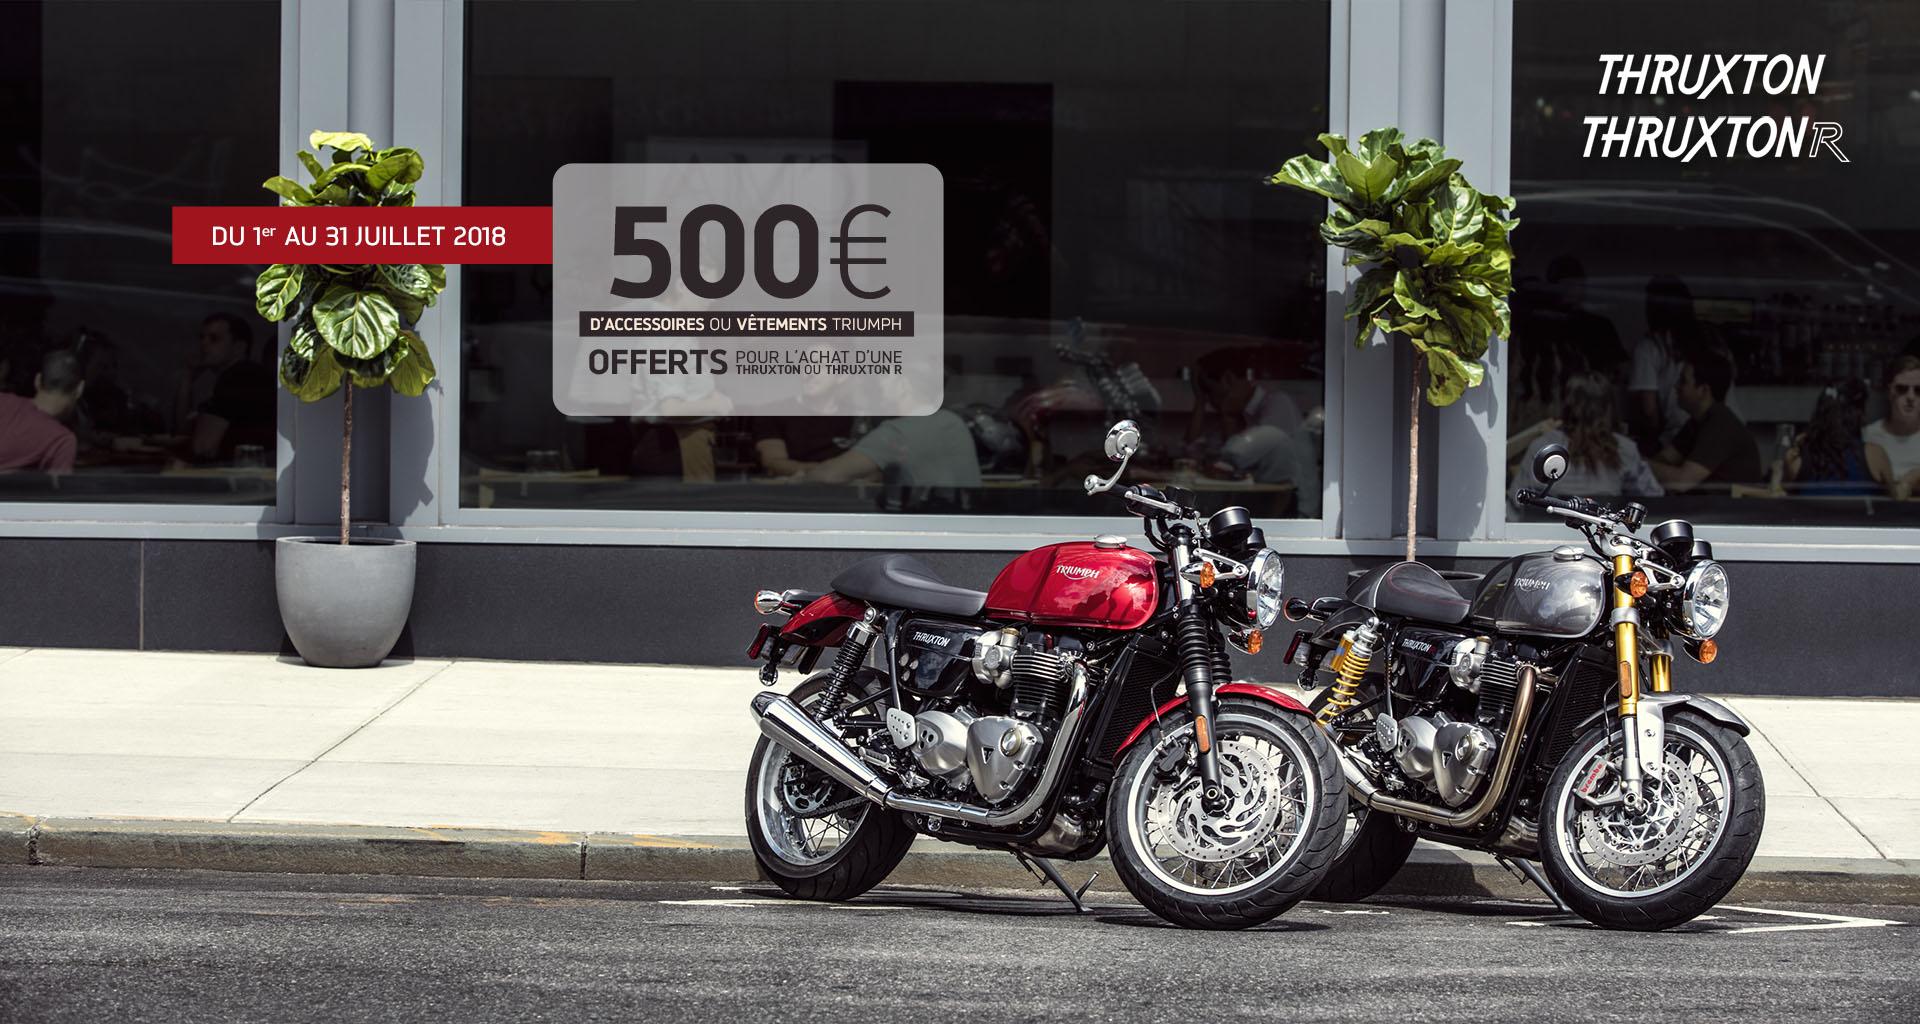 500 de bons d 39 achat thruxton actualit de pole moto limoges. Black Bedroom Furniture Sets. Home Design Ideas